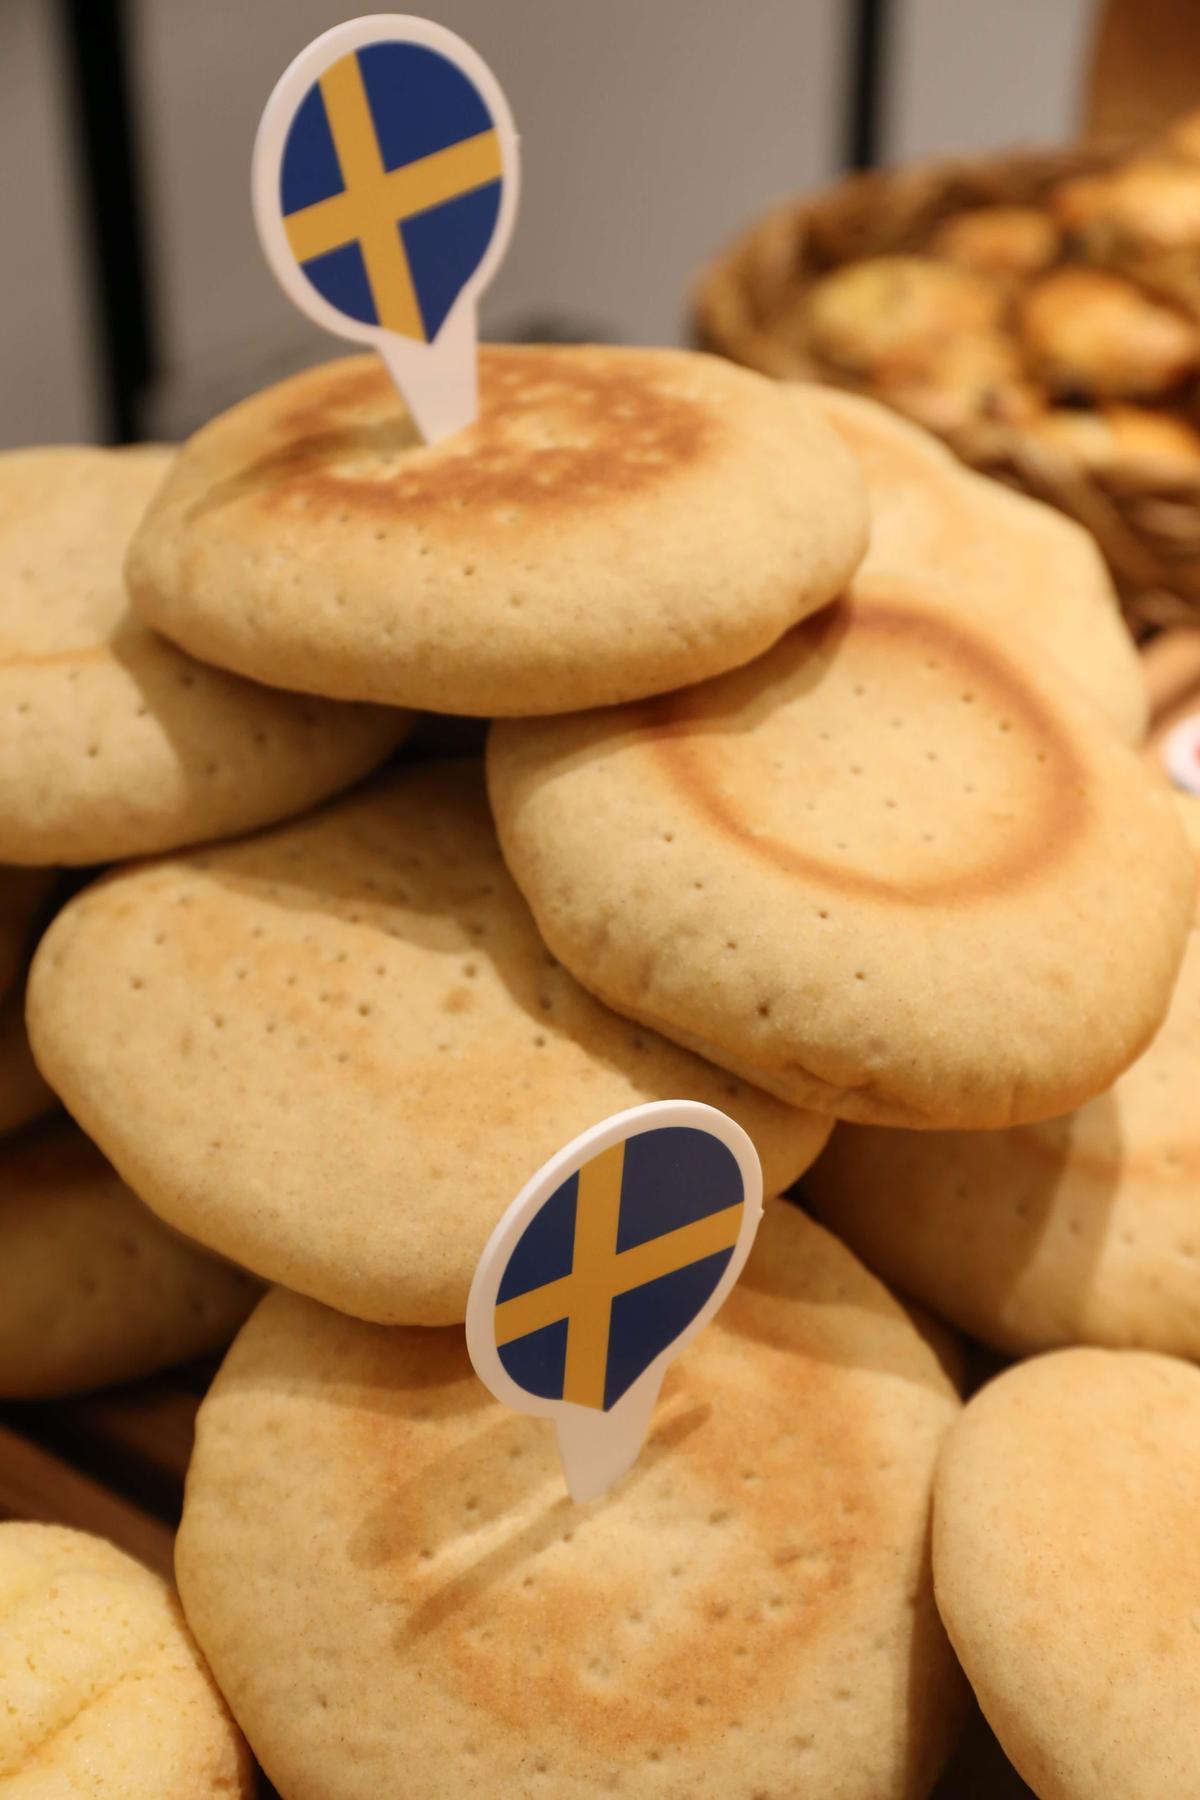 「瑞典極地麵包」可搭配優格吃。(吳寶春麥方店提供)